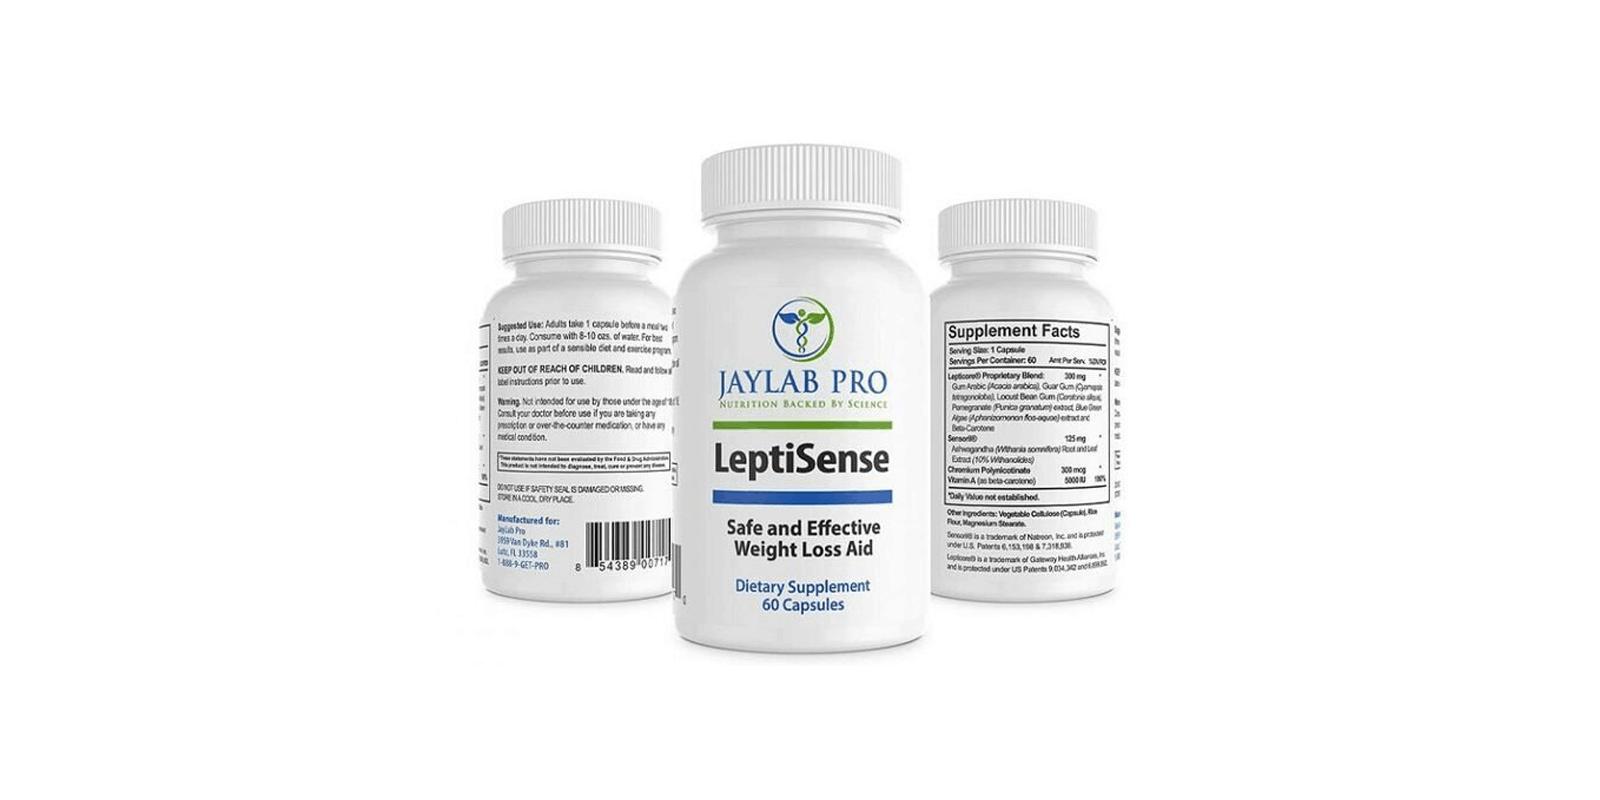 Leptisense Supplement